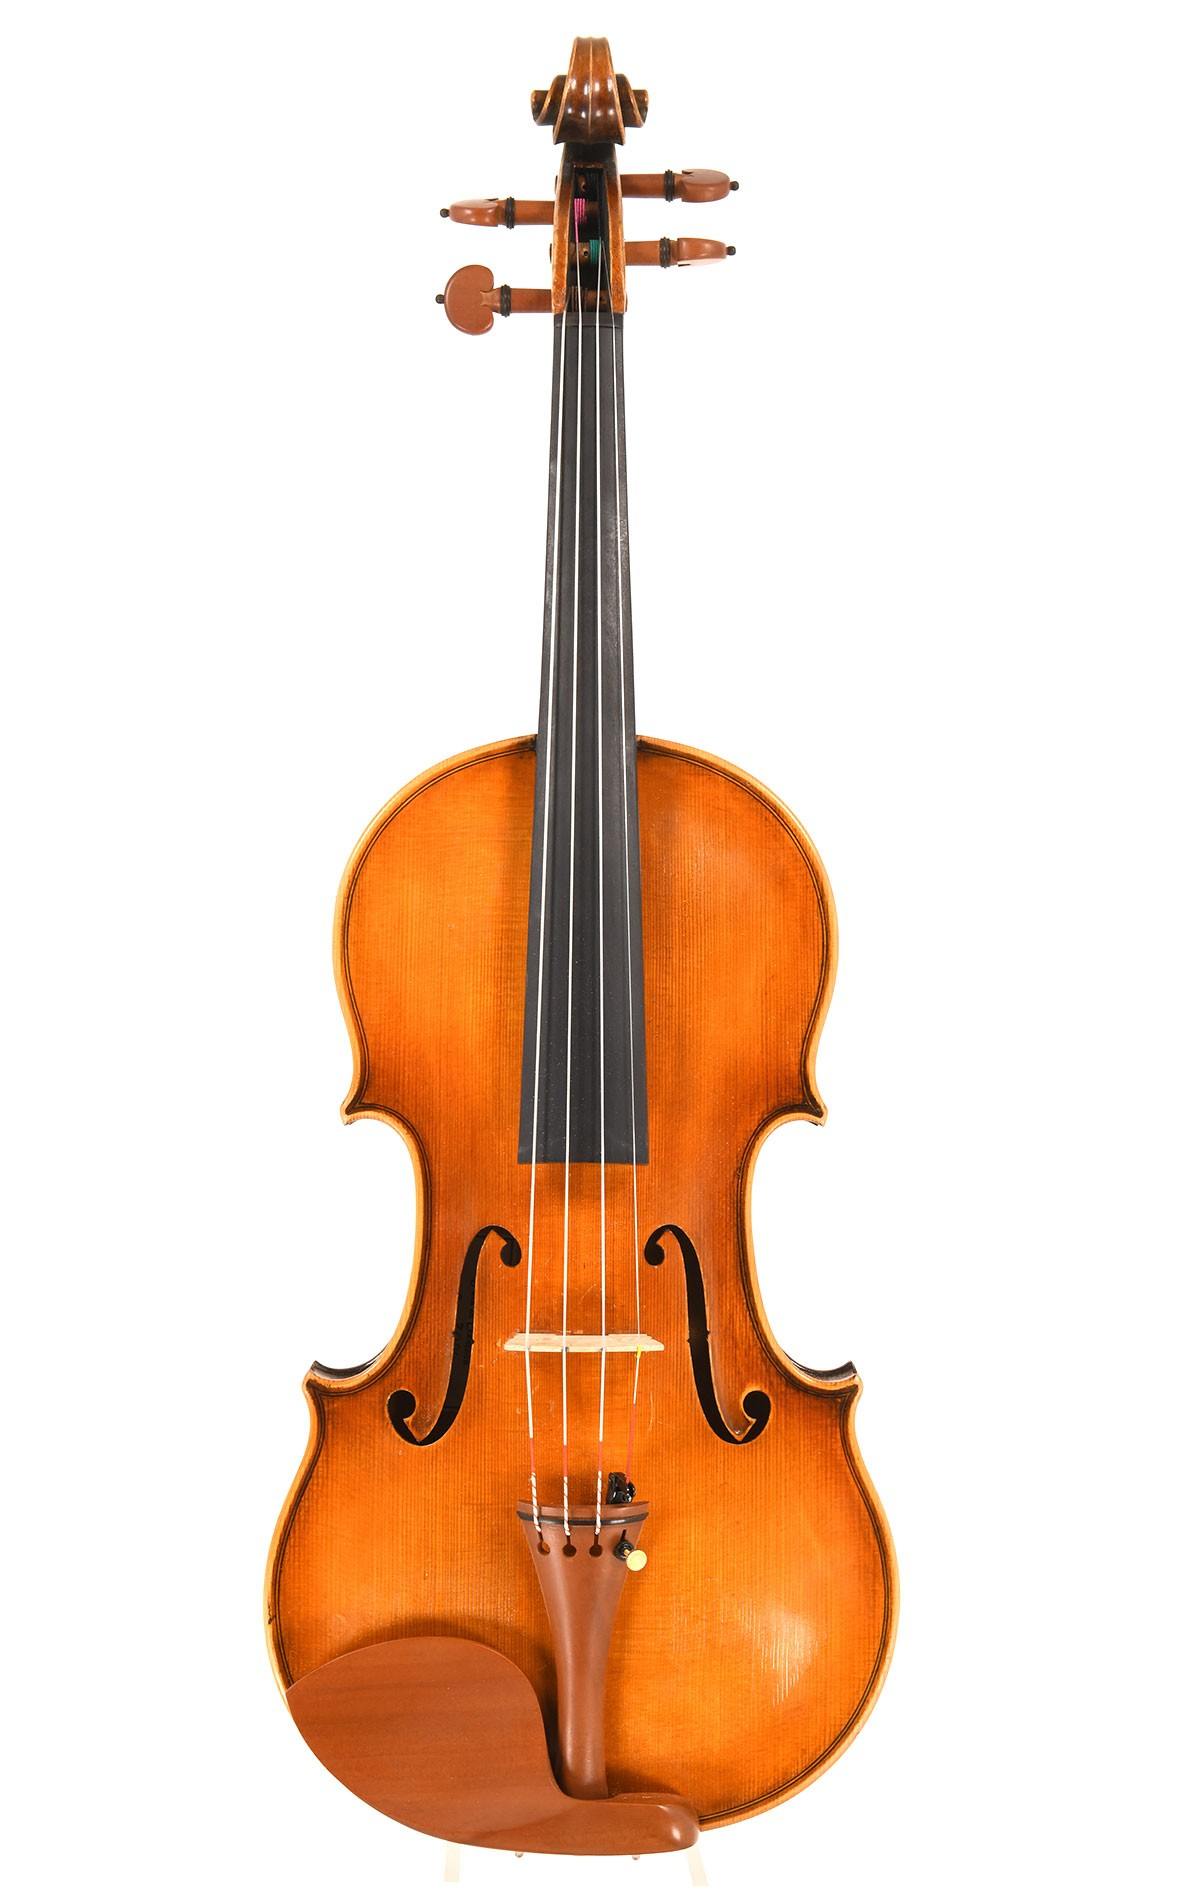 Modern violin after Guarneri